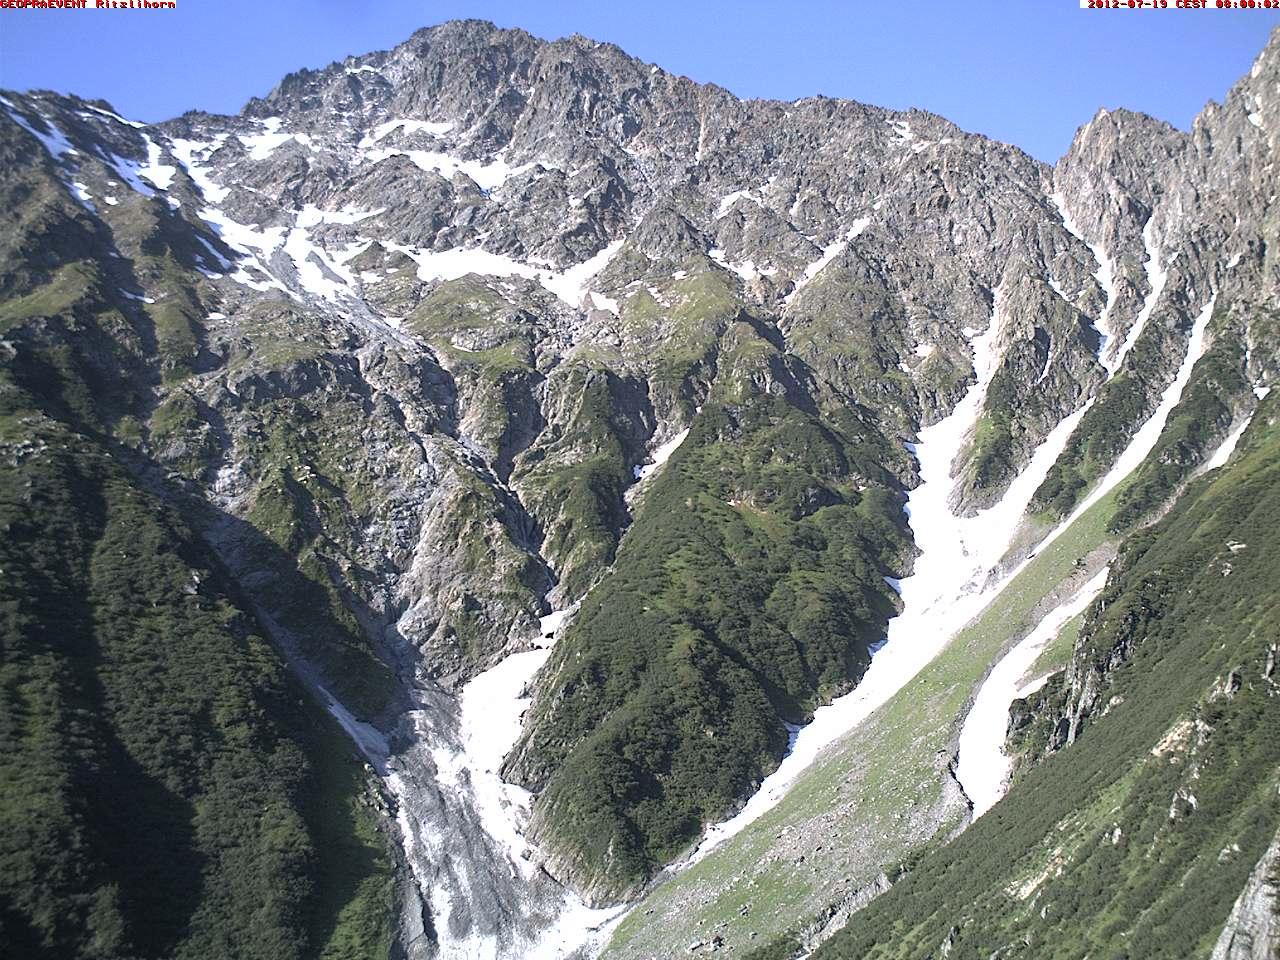 Webcam: Bilder vom Anrissgebiet der Murgänge in der Nordflanke des Ritzlihorns.